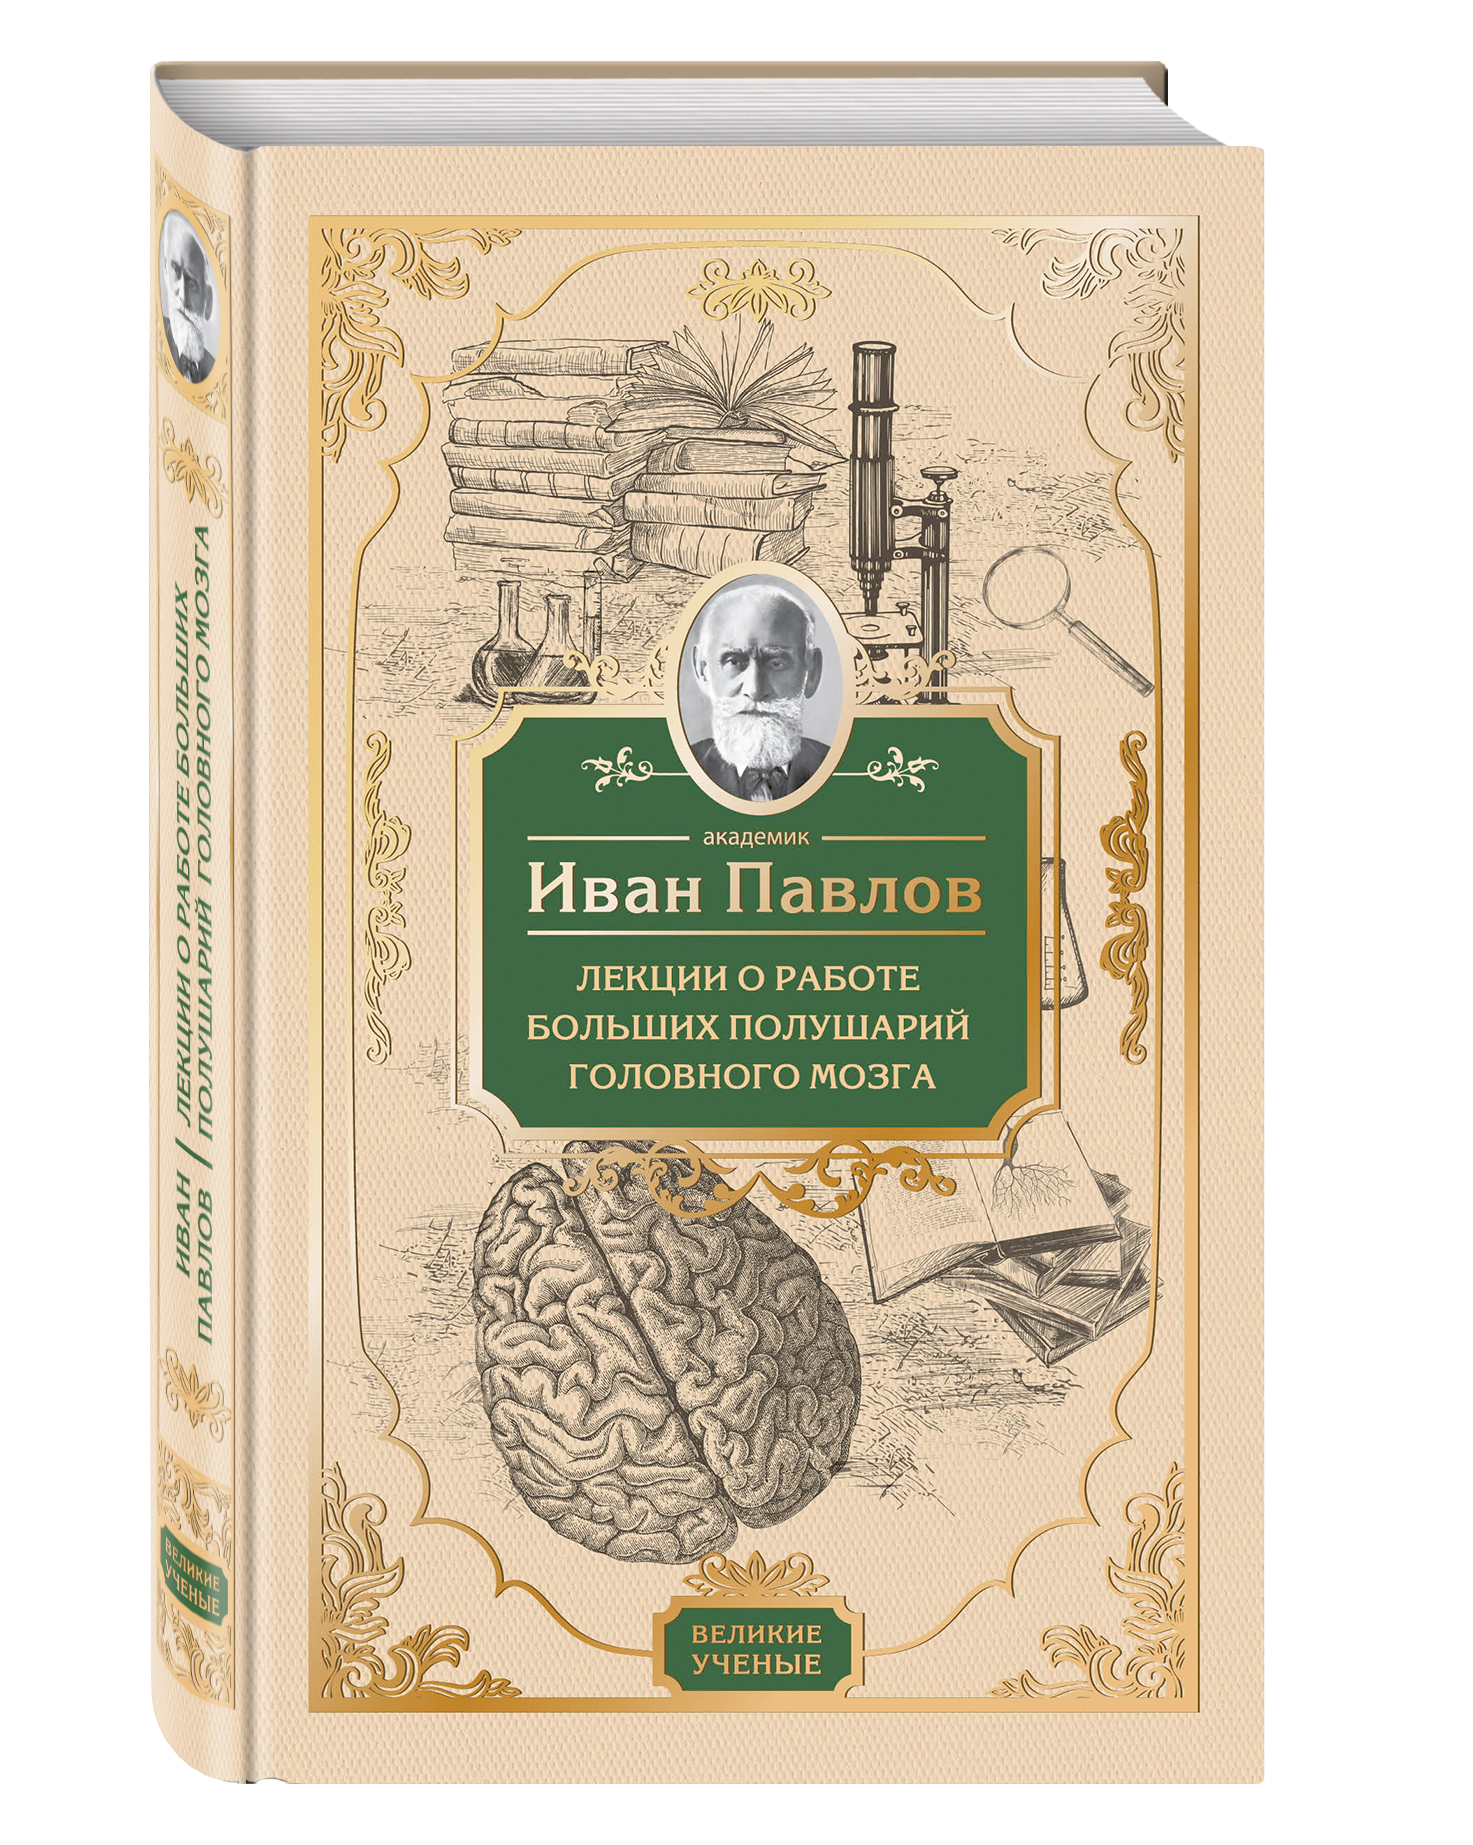 Иван Павлов Лекции о работе больших полушарий головного мозга павлов и физиология больших полушарий головного мозга